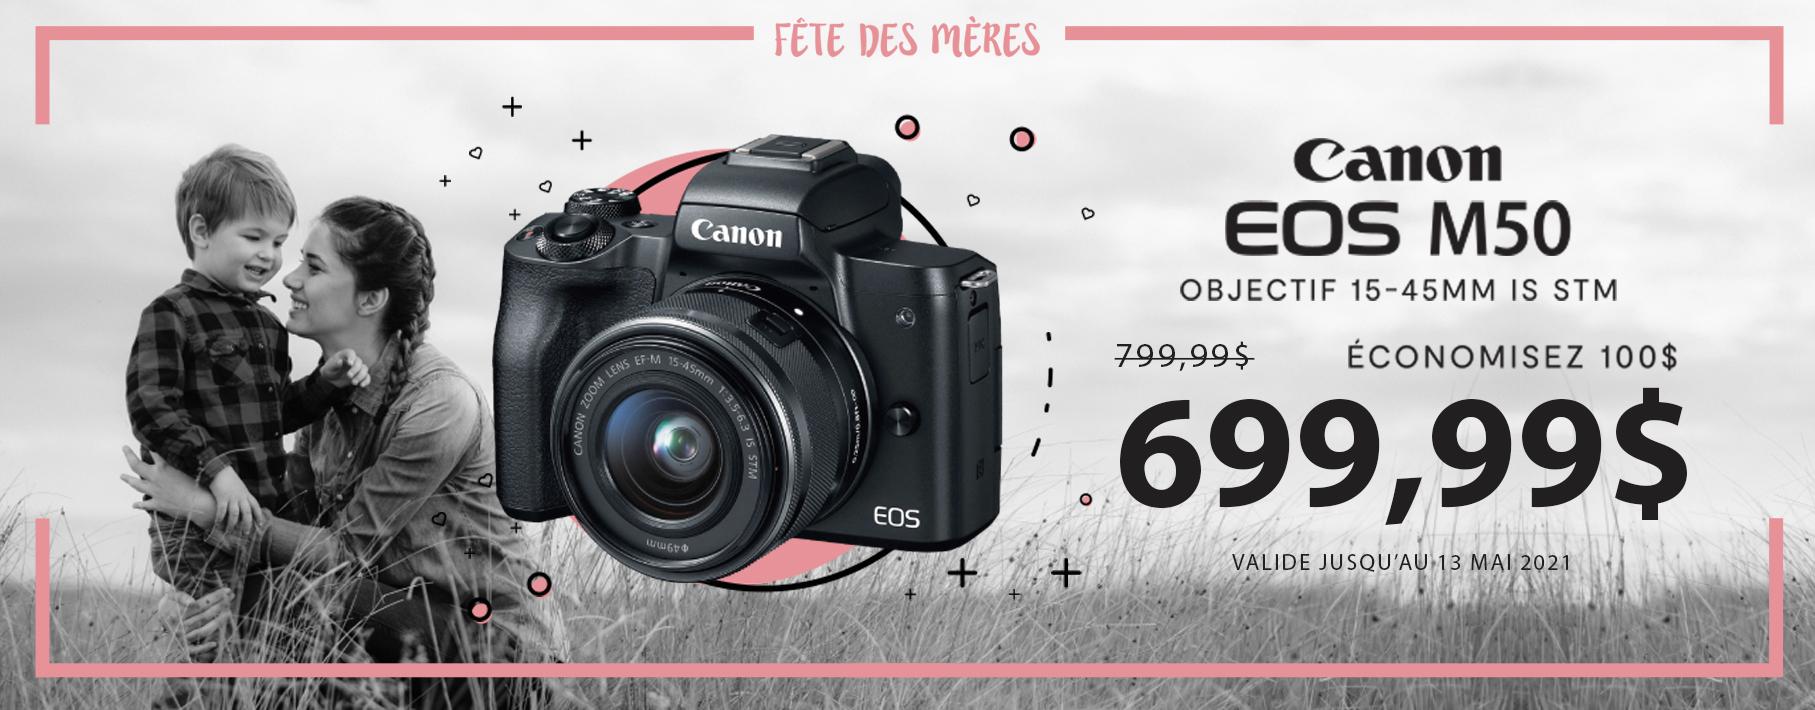 Fête des mères - Canon M50